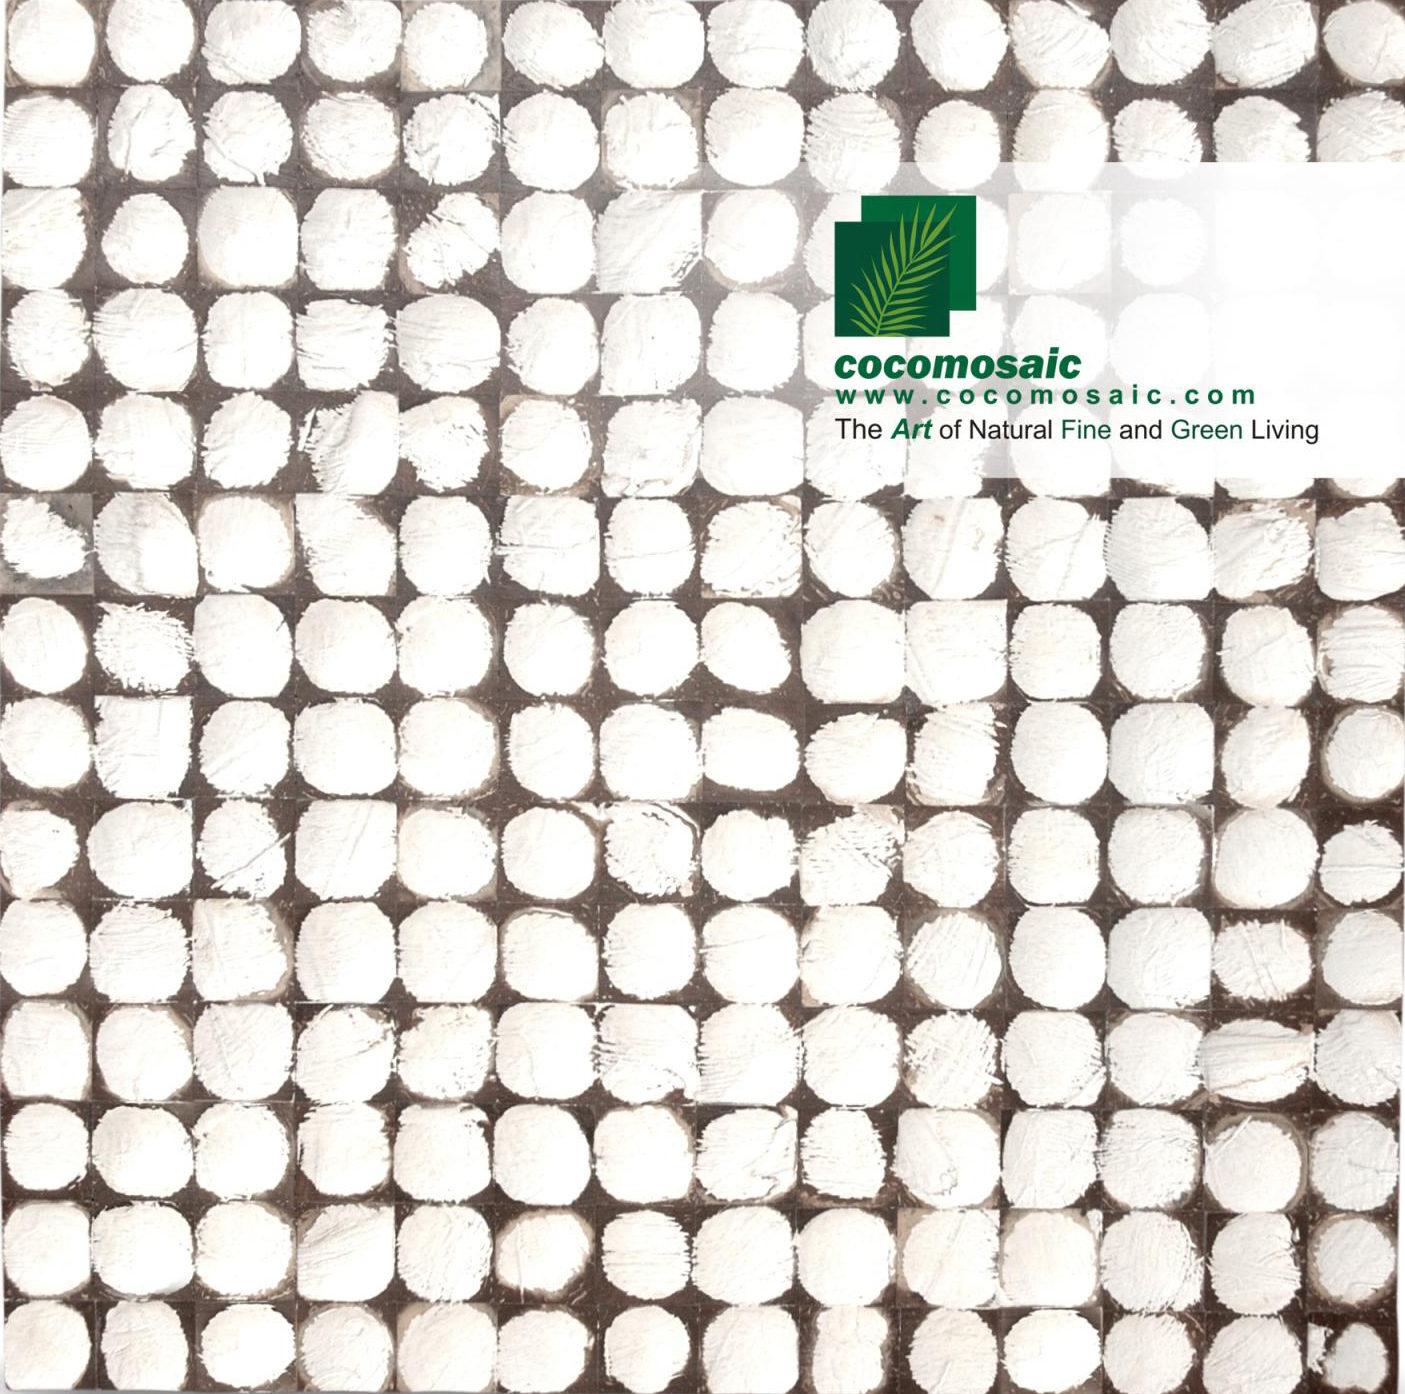 Holzfliesen von Cocomosaic aus der Schale der Kokosnuss in der Farbe White Patina